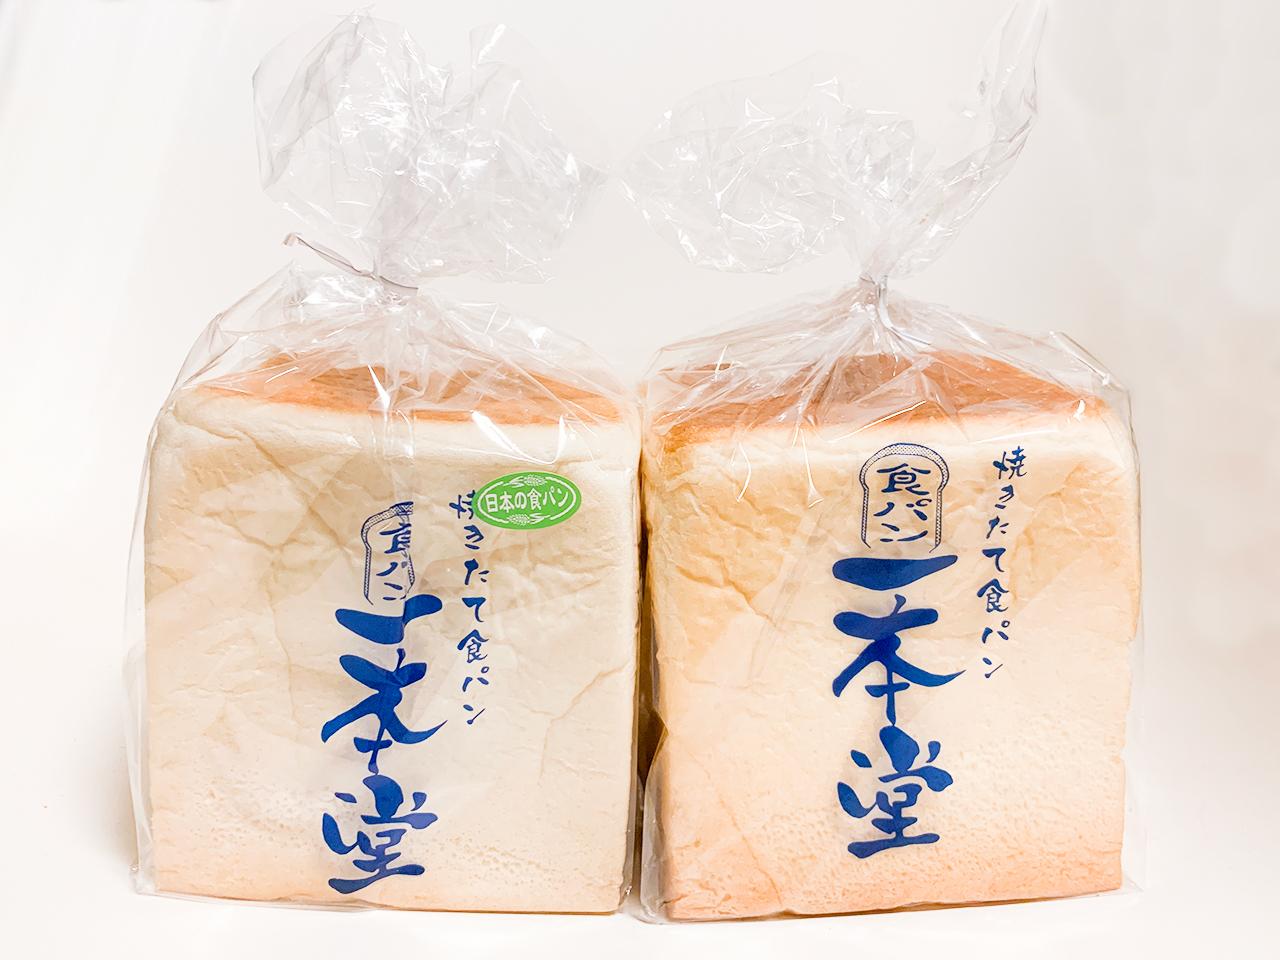 「一本堂」の生食パン